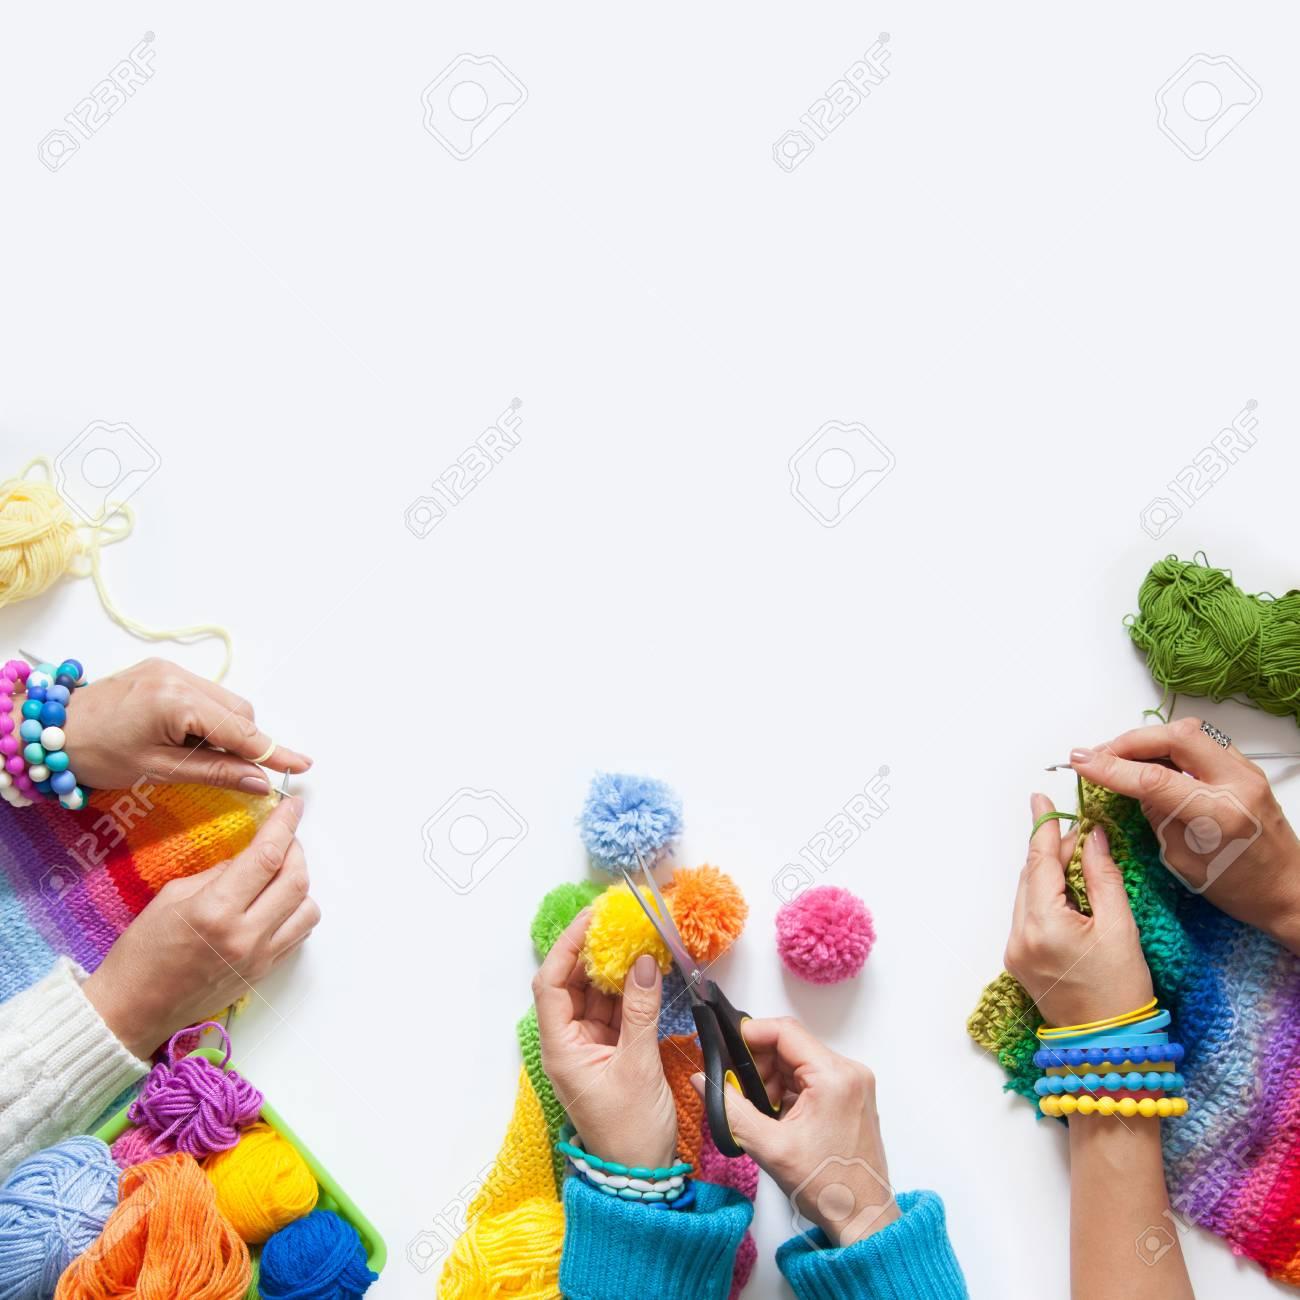 Die Frauen Stricken Und Häkeln Farbigen Stoff Sicht Von Oben